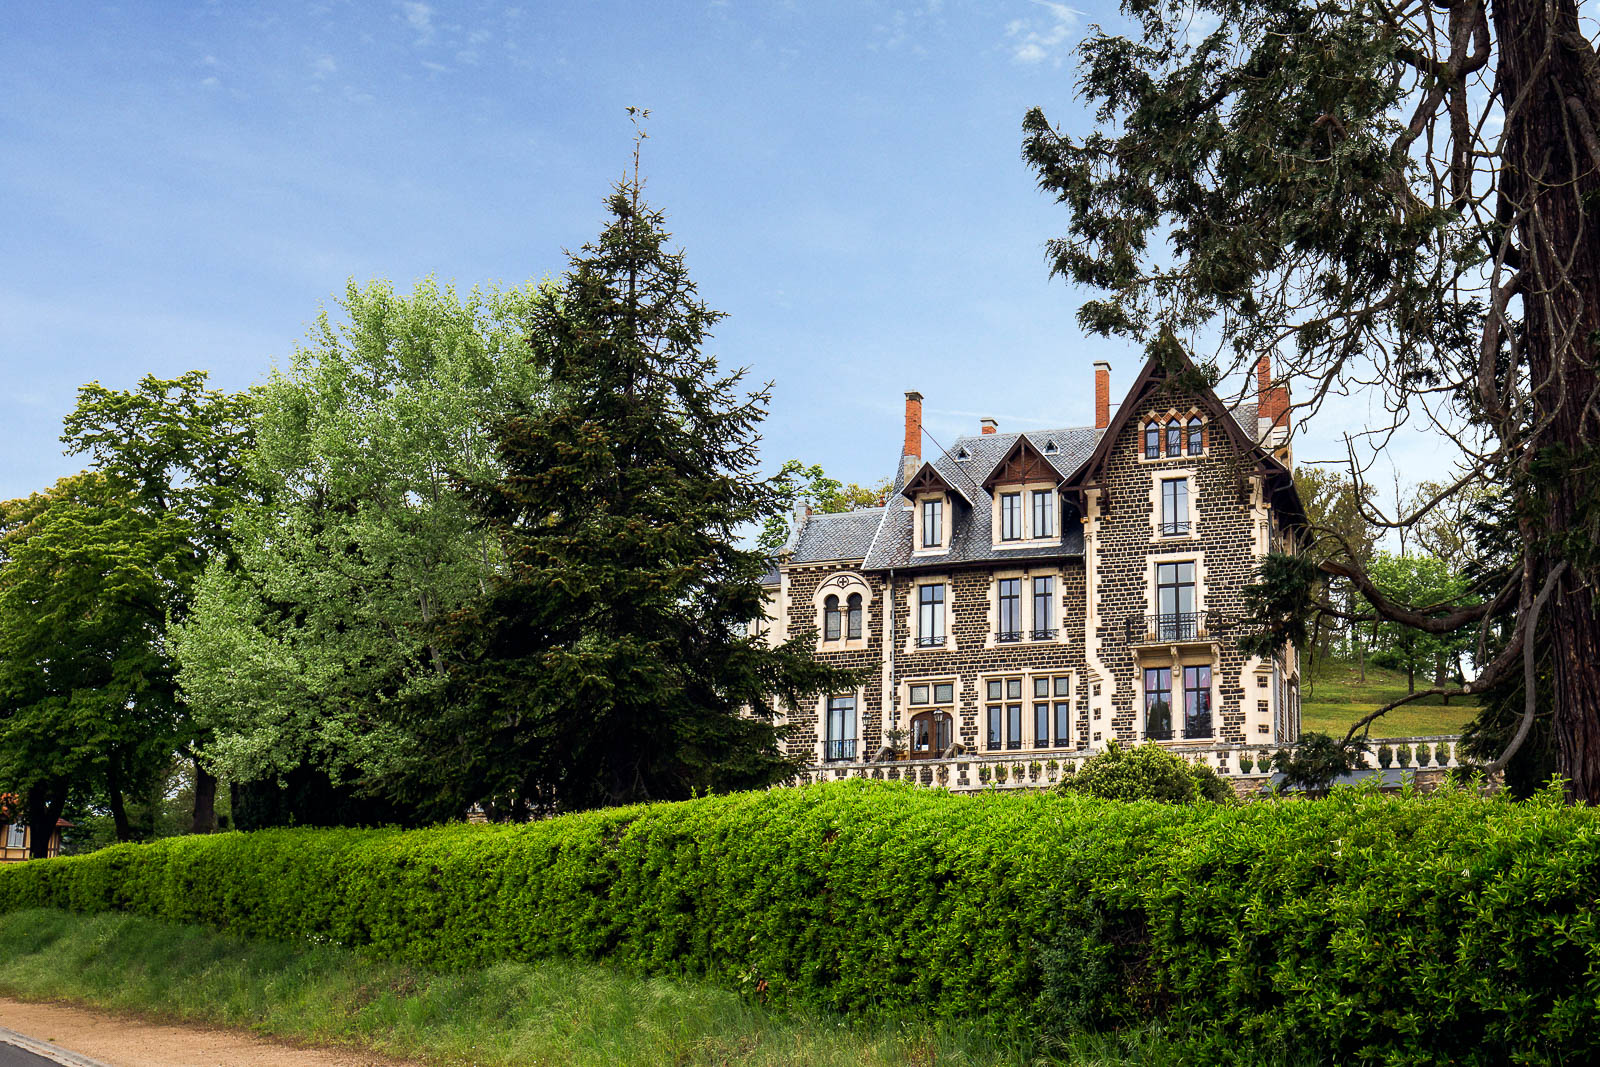 Immobilier - ©Yohan Boniface Photographe - Mariage Portraits Immobilier Entreprises Clermont Ferrand Auvergne France (11).jpg